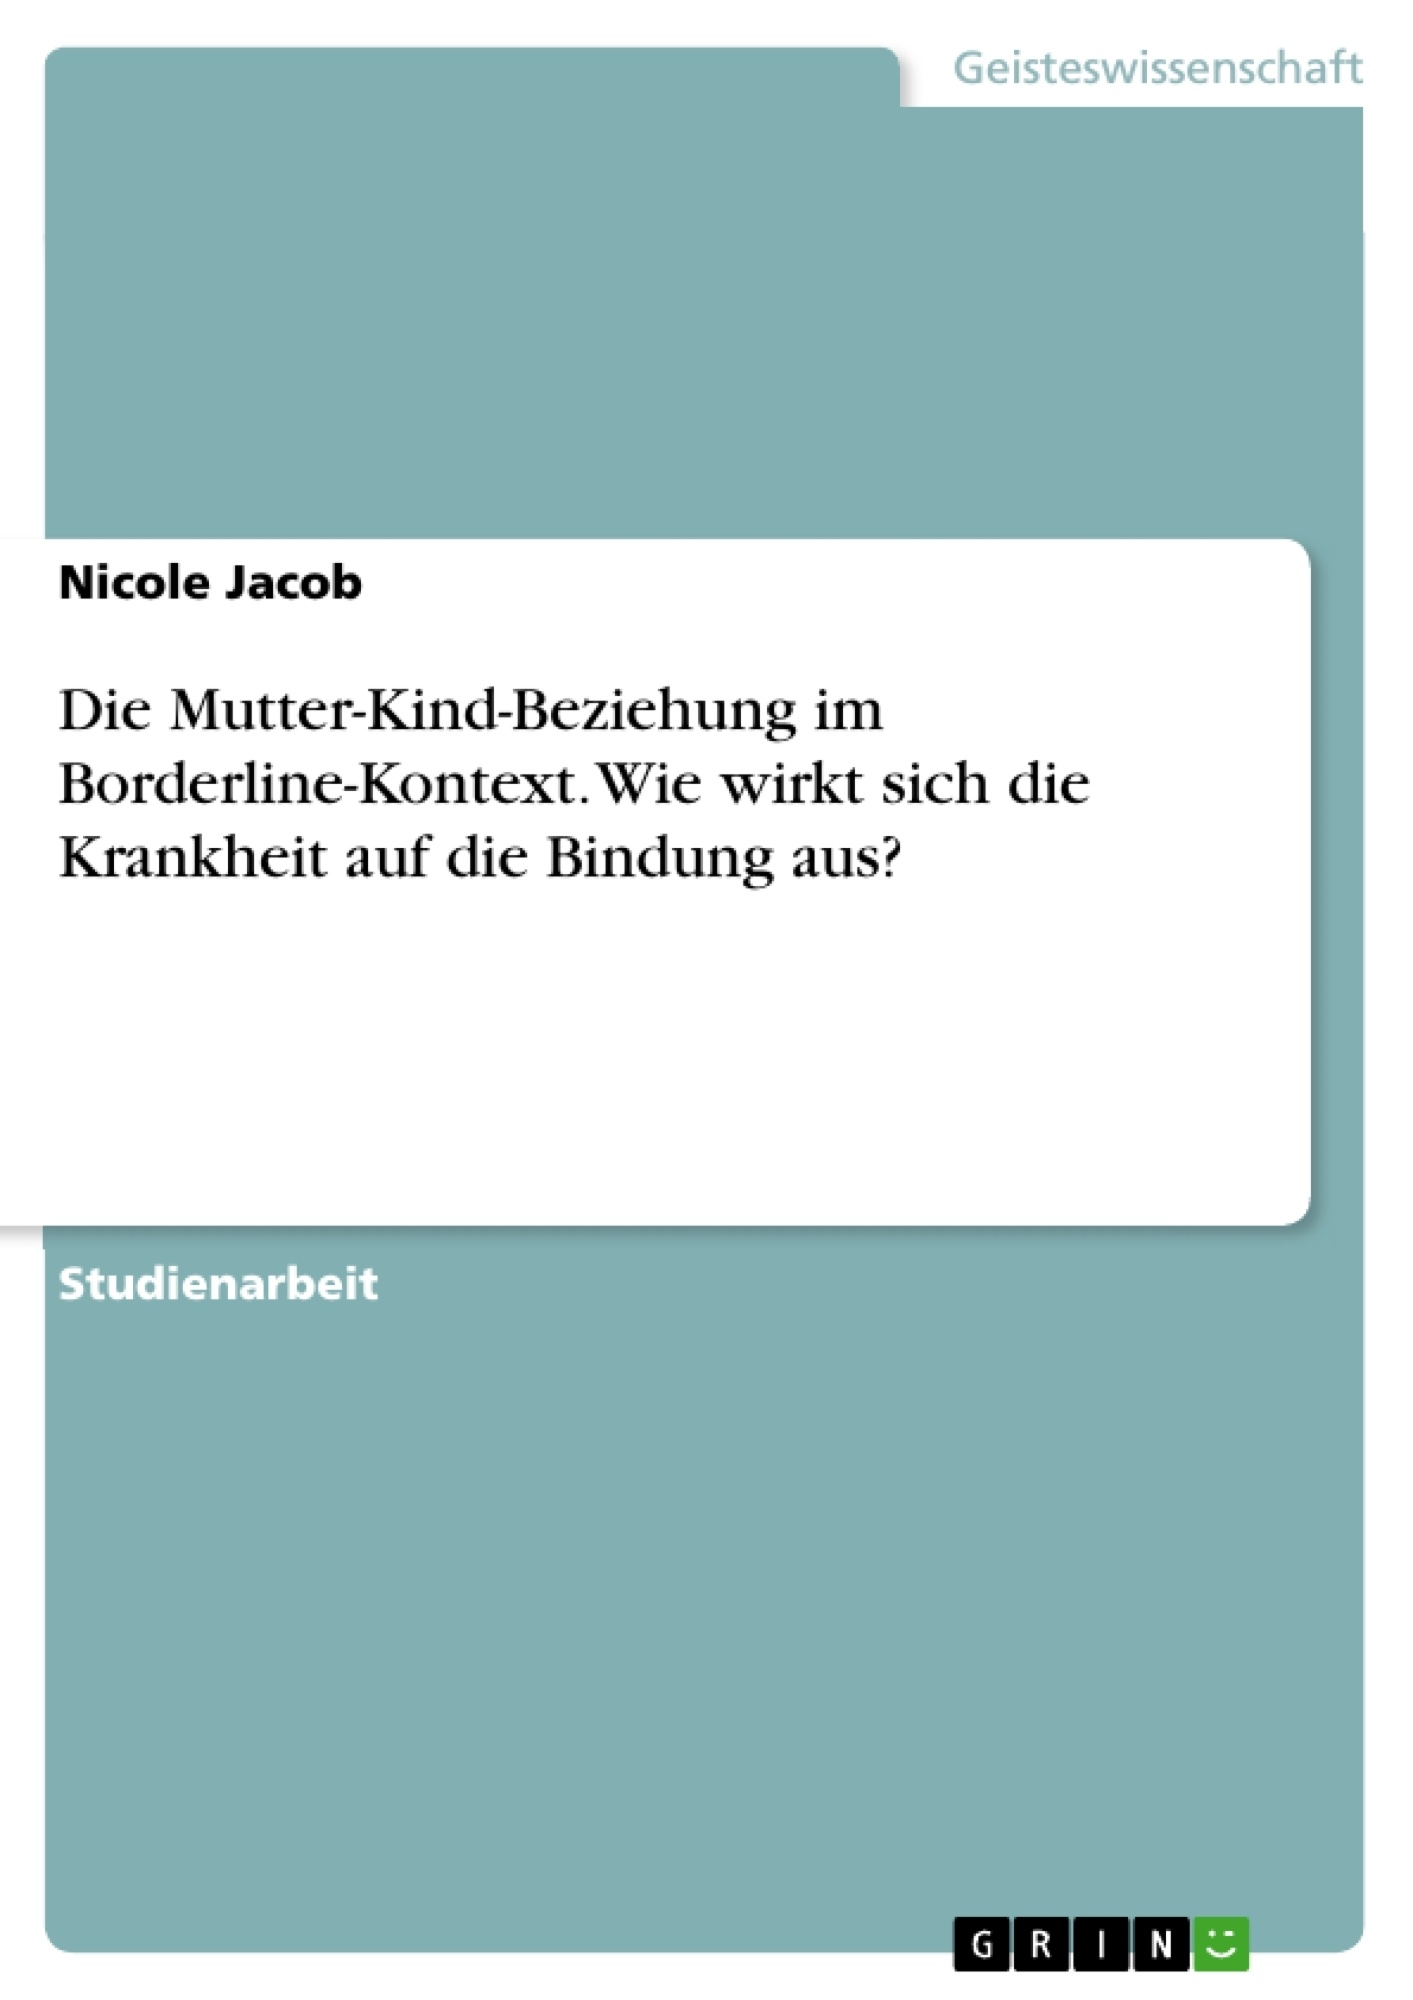 Titel: Die Mutter-Kind-Beziehung im Borderline-Kontext. Wie wirkt sich die Krankheit auf die Bindung aus?